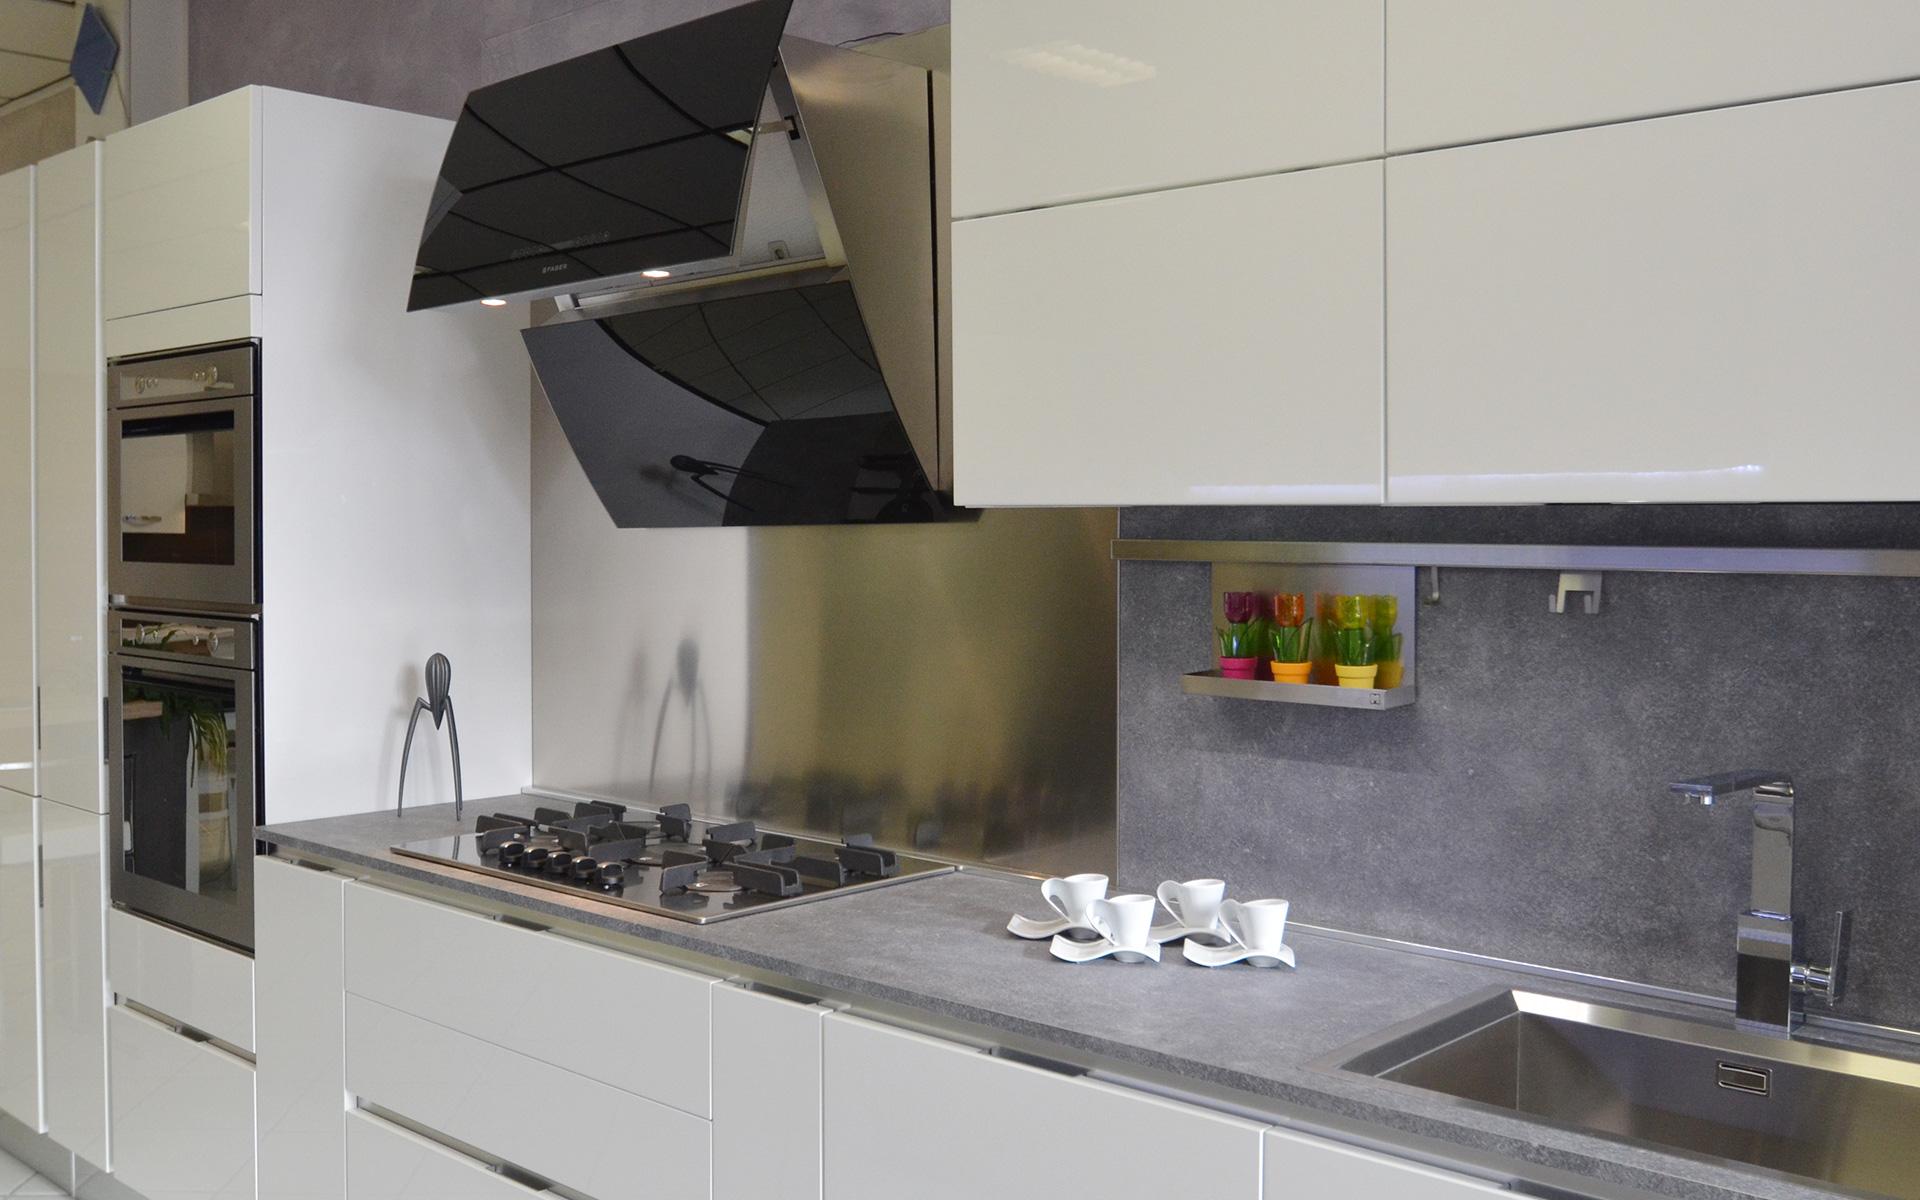 Cappe aspiranti per cucine lavelli rubinetteria accessori e complementi per la cucina  Team